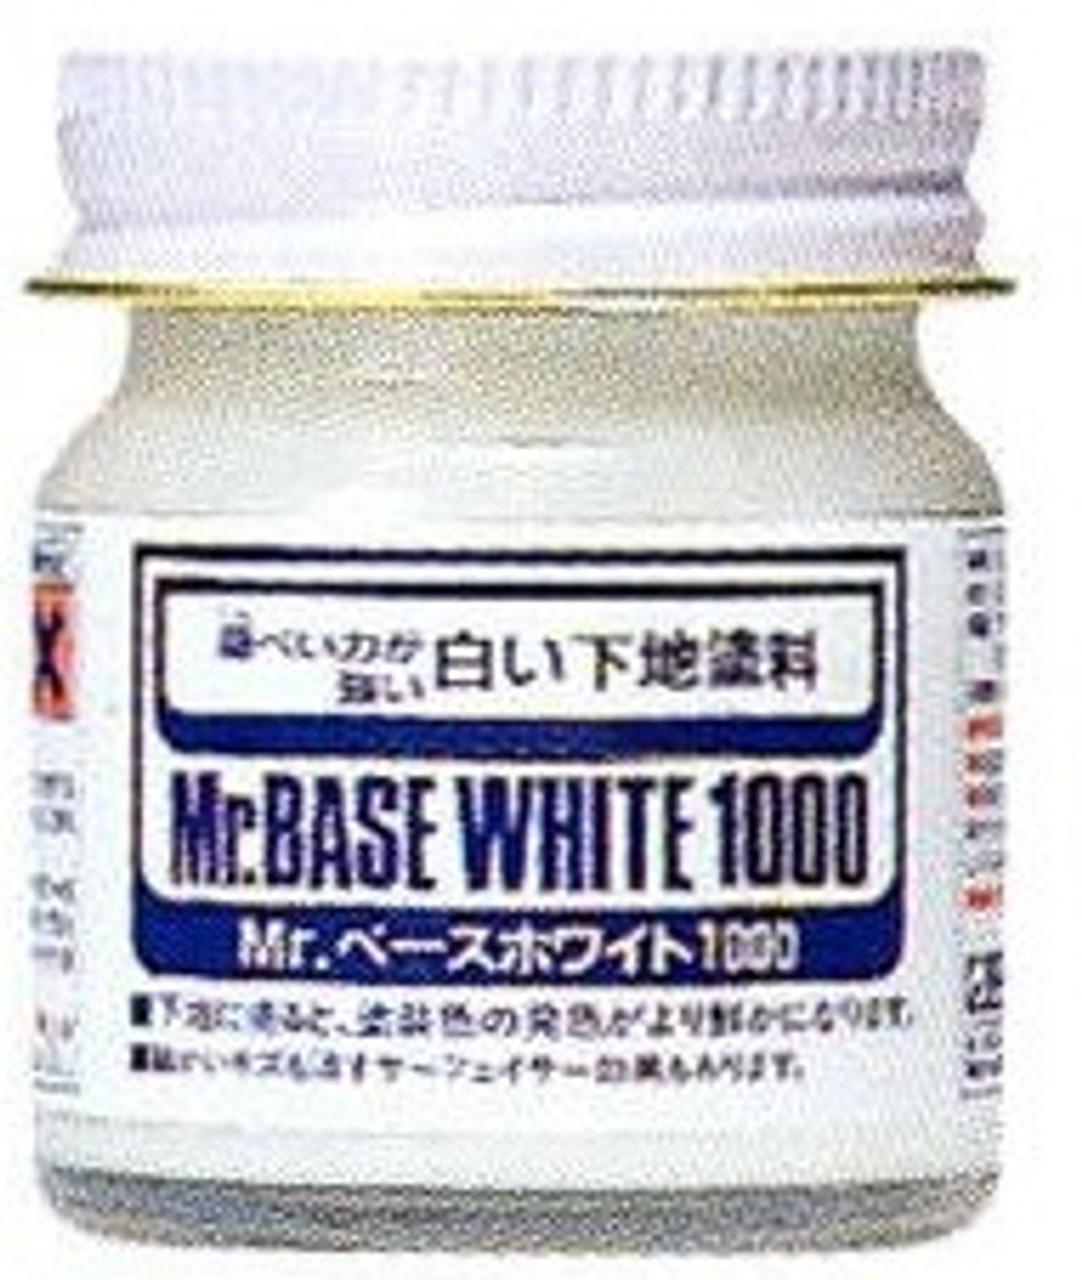 Mr. Base White 1000 40ml Bottle